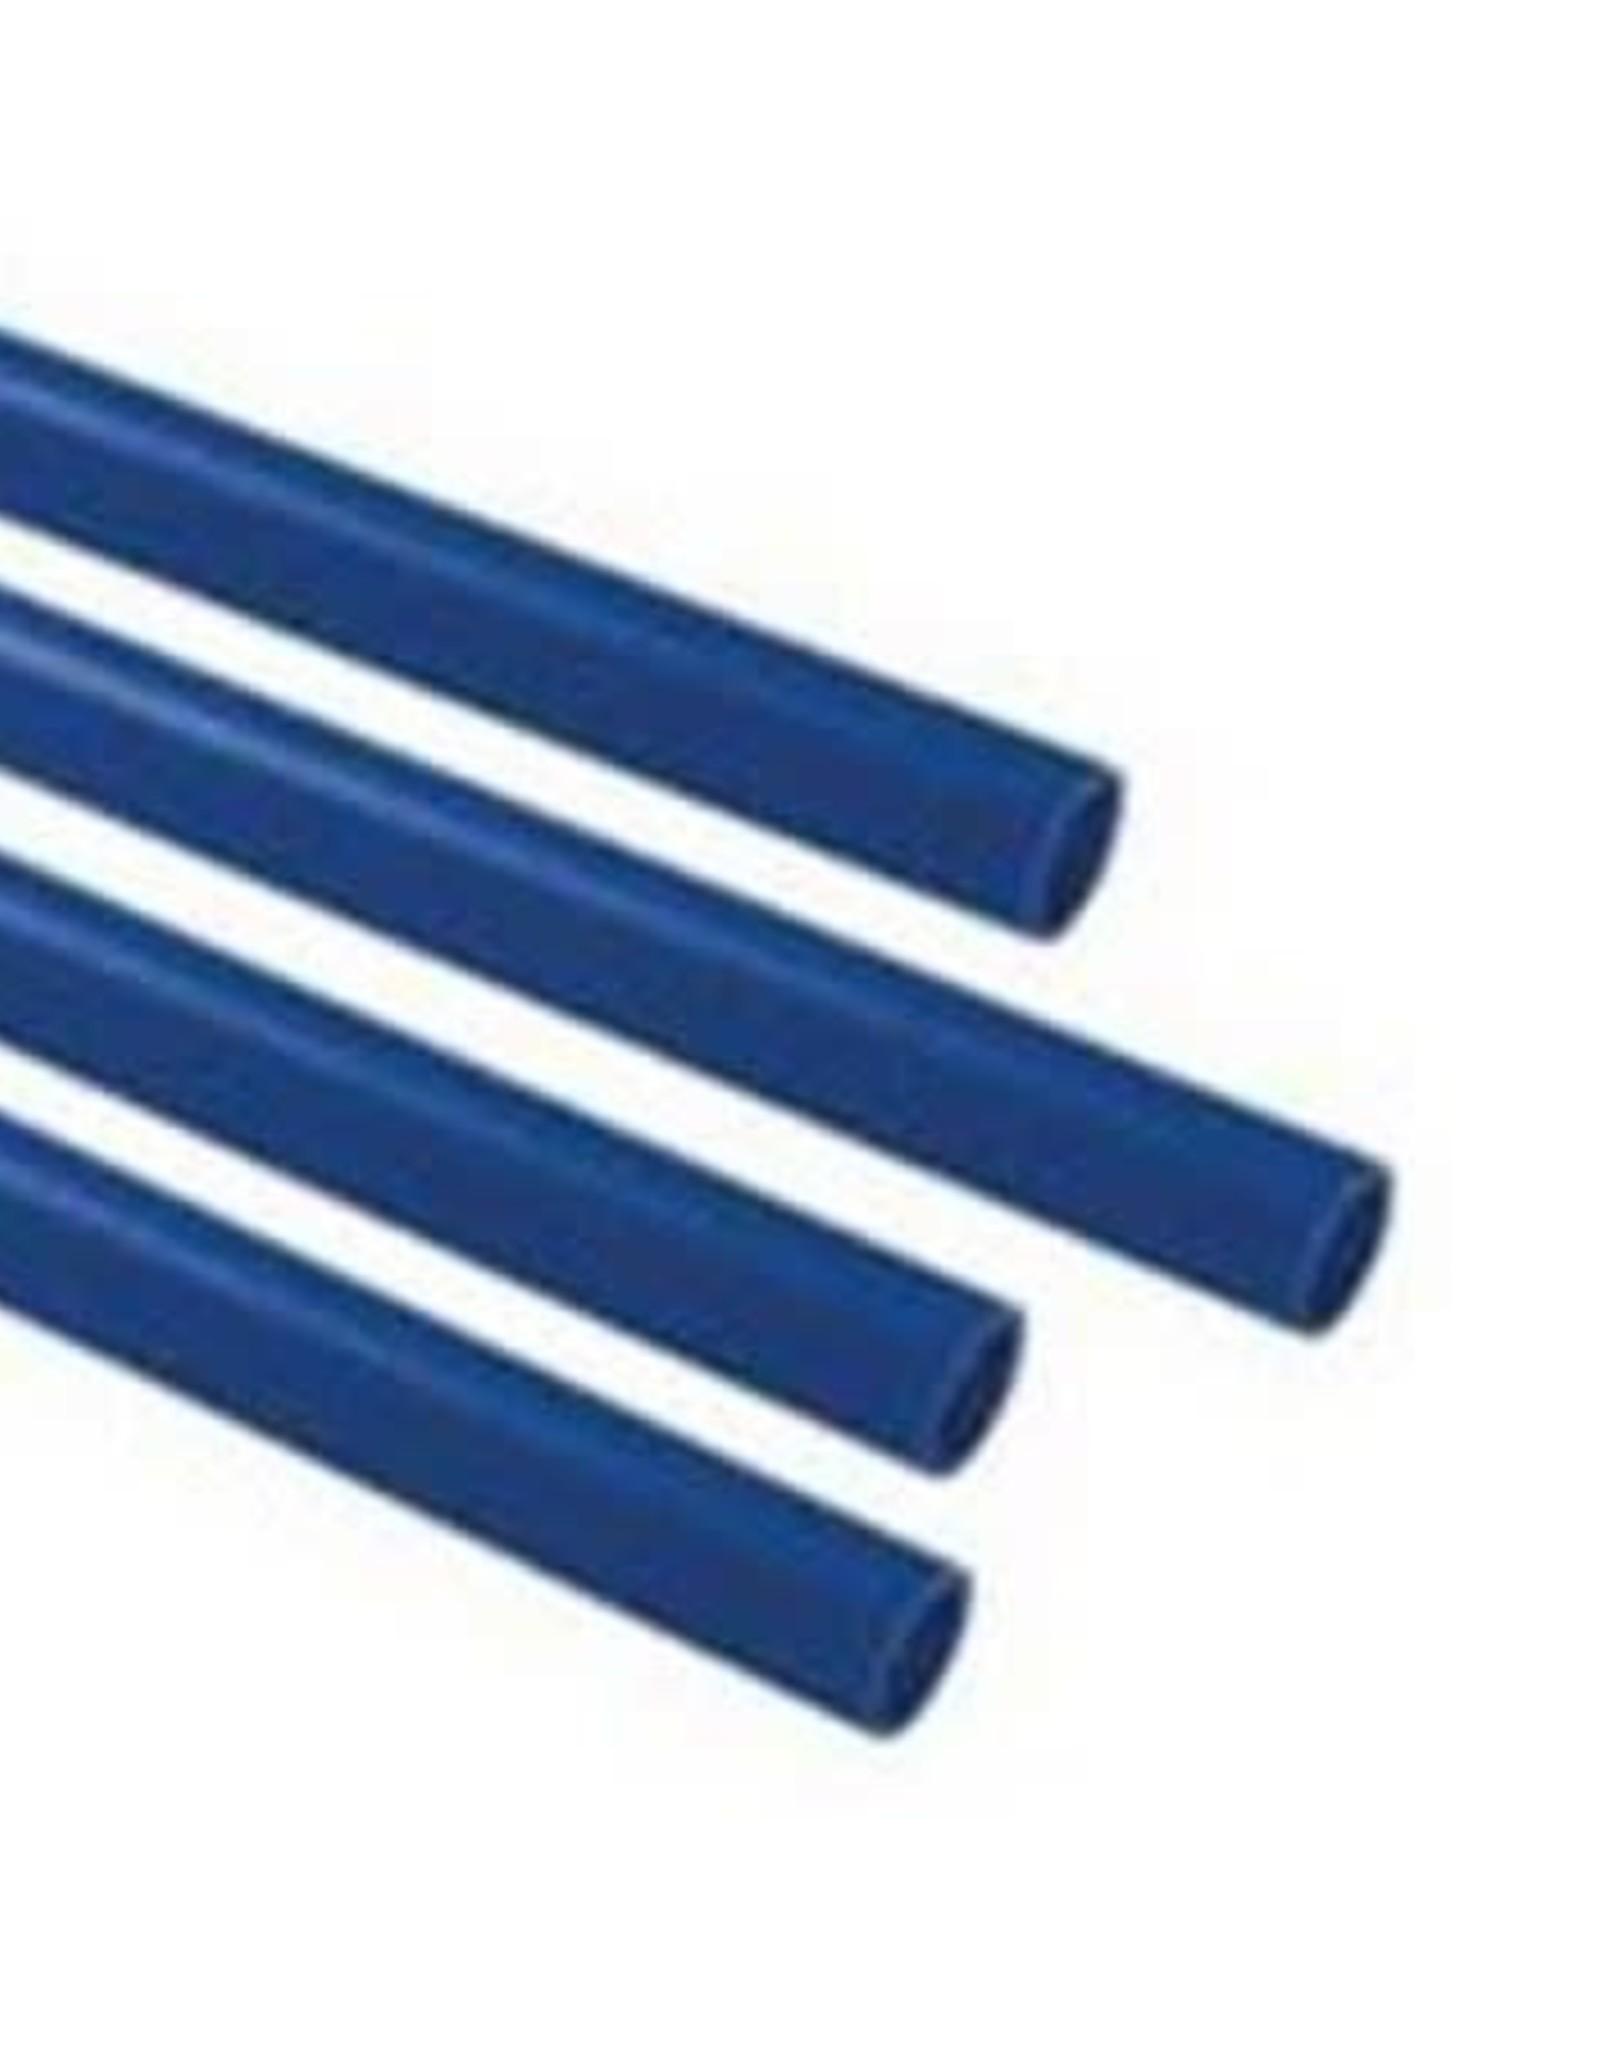 """3/4"""" x 20' PEX PIPE BLUE"""